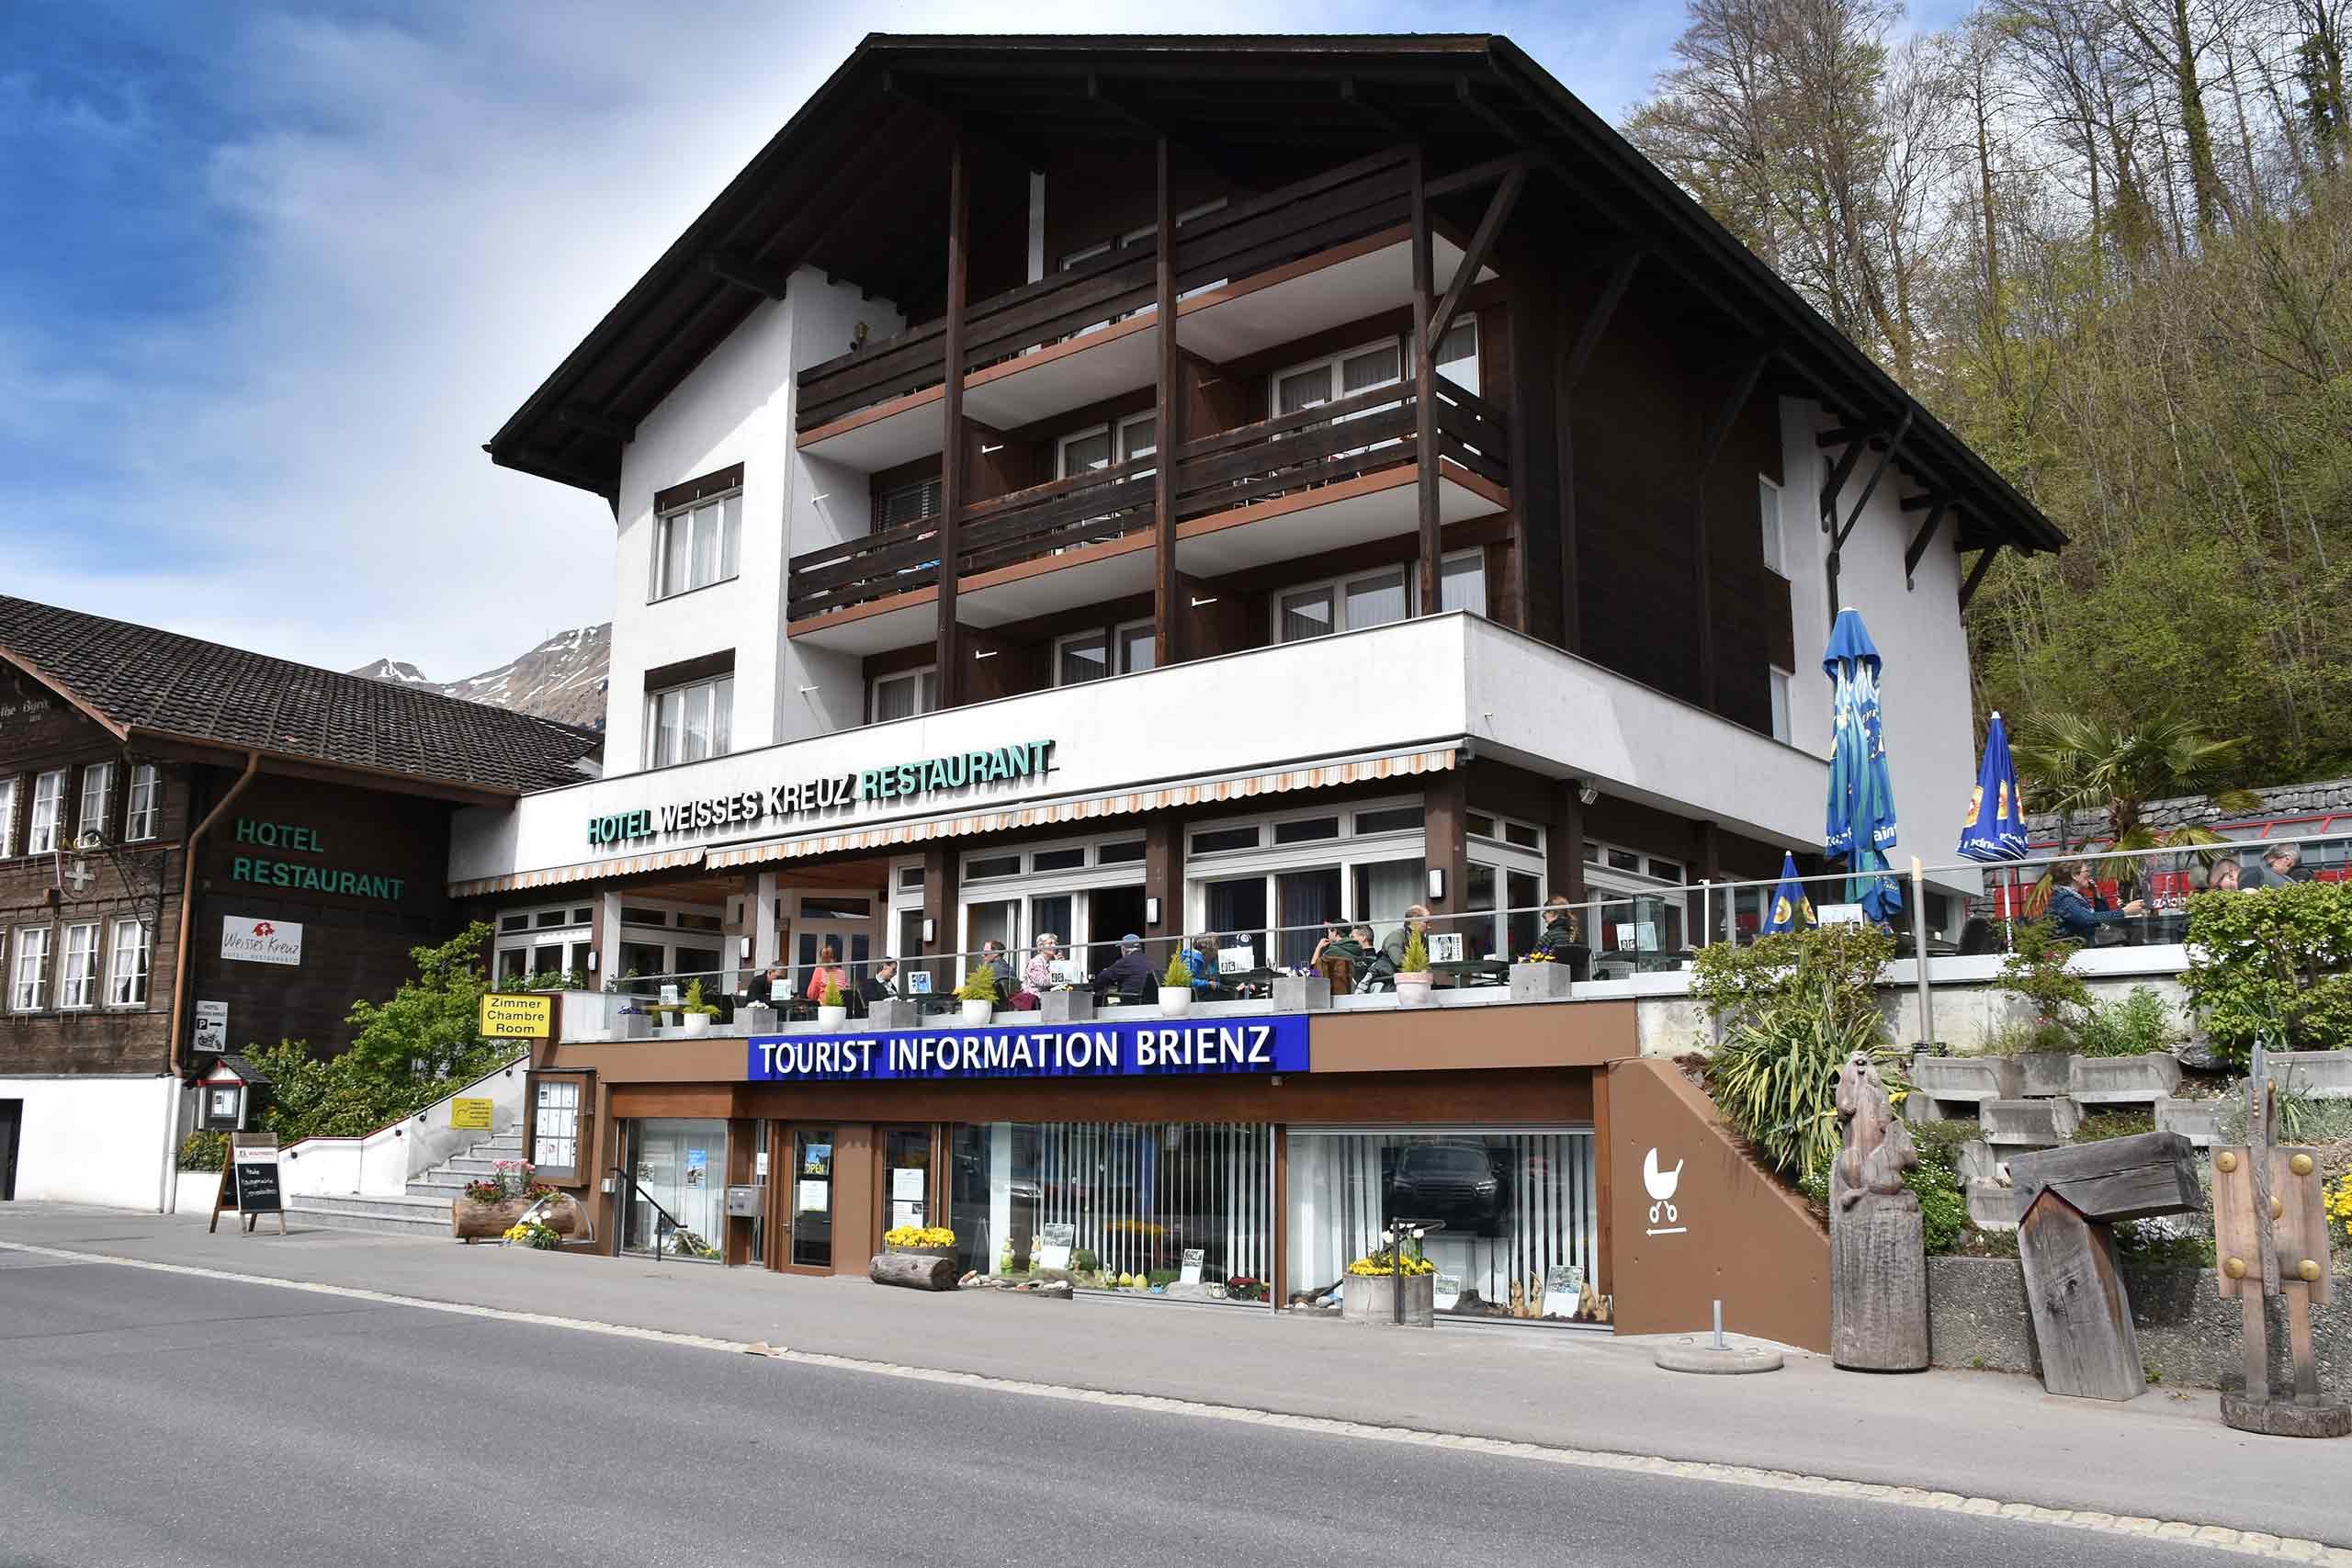 brienz-tourismus-buero-aussen-kreuz